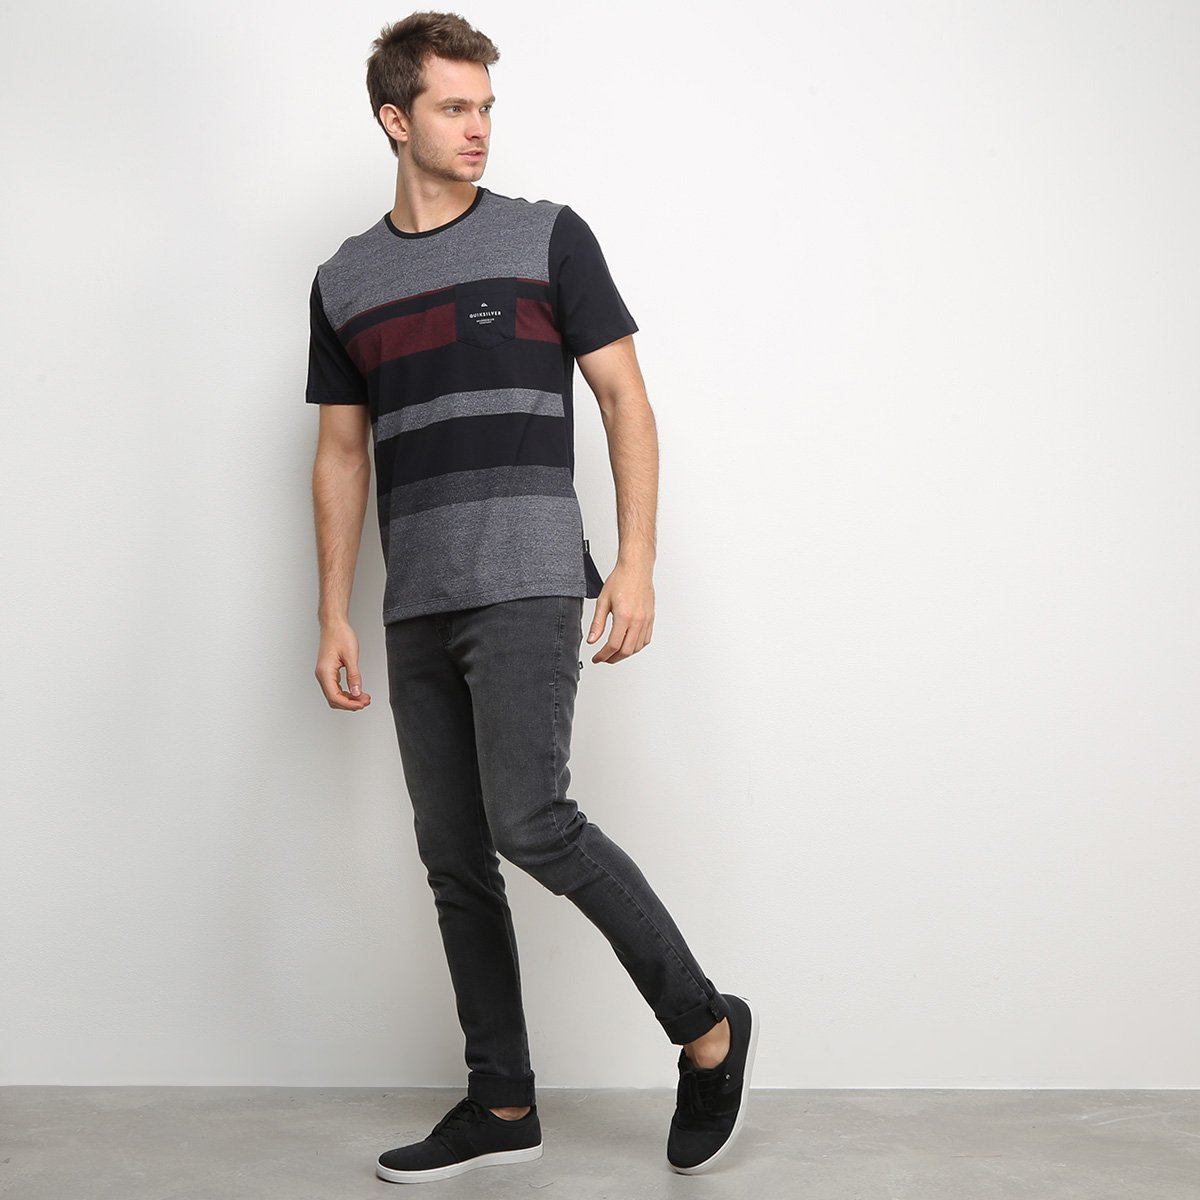 Camiseta Quiksilver Esp Vista Masculina - Tam: G - 2